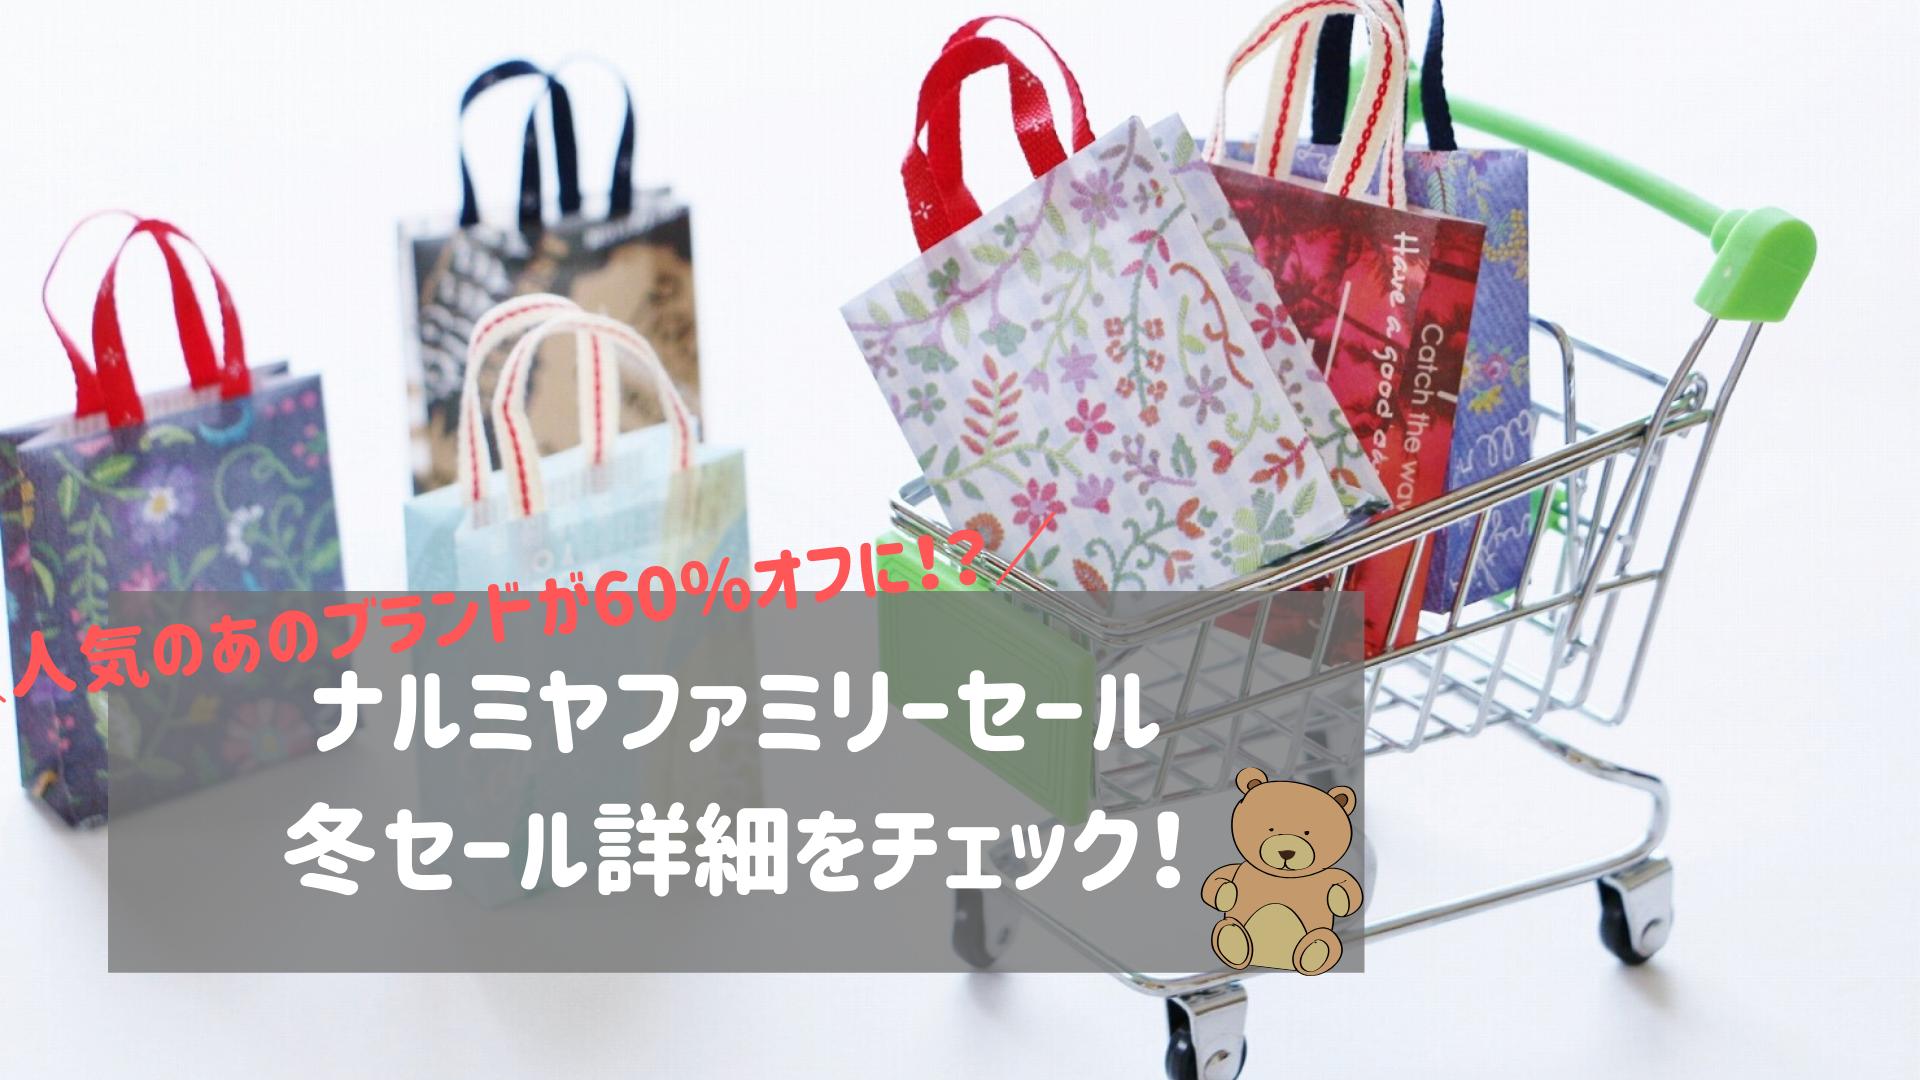 ナルミヤファミリーセール東京20202月 冬セール詳細をチェック!